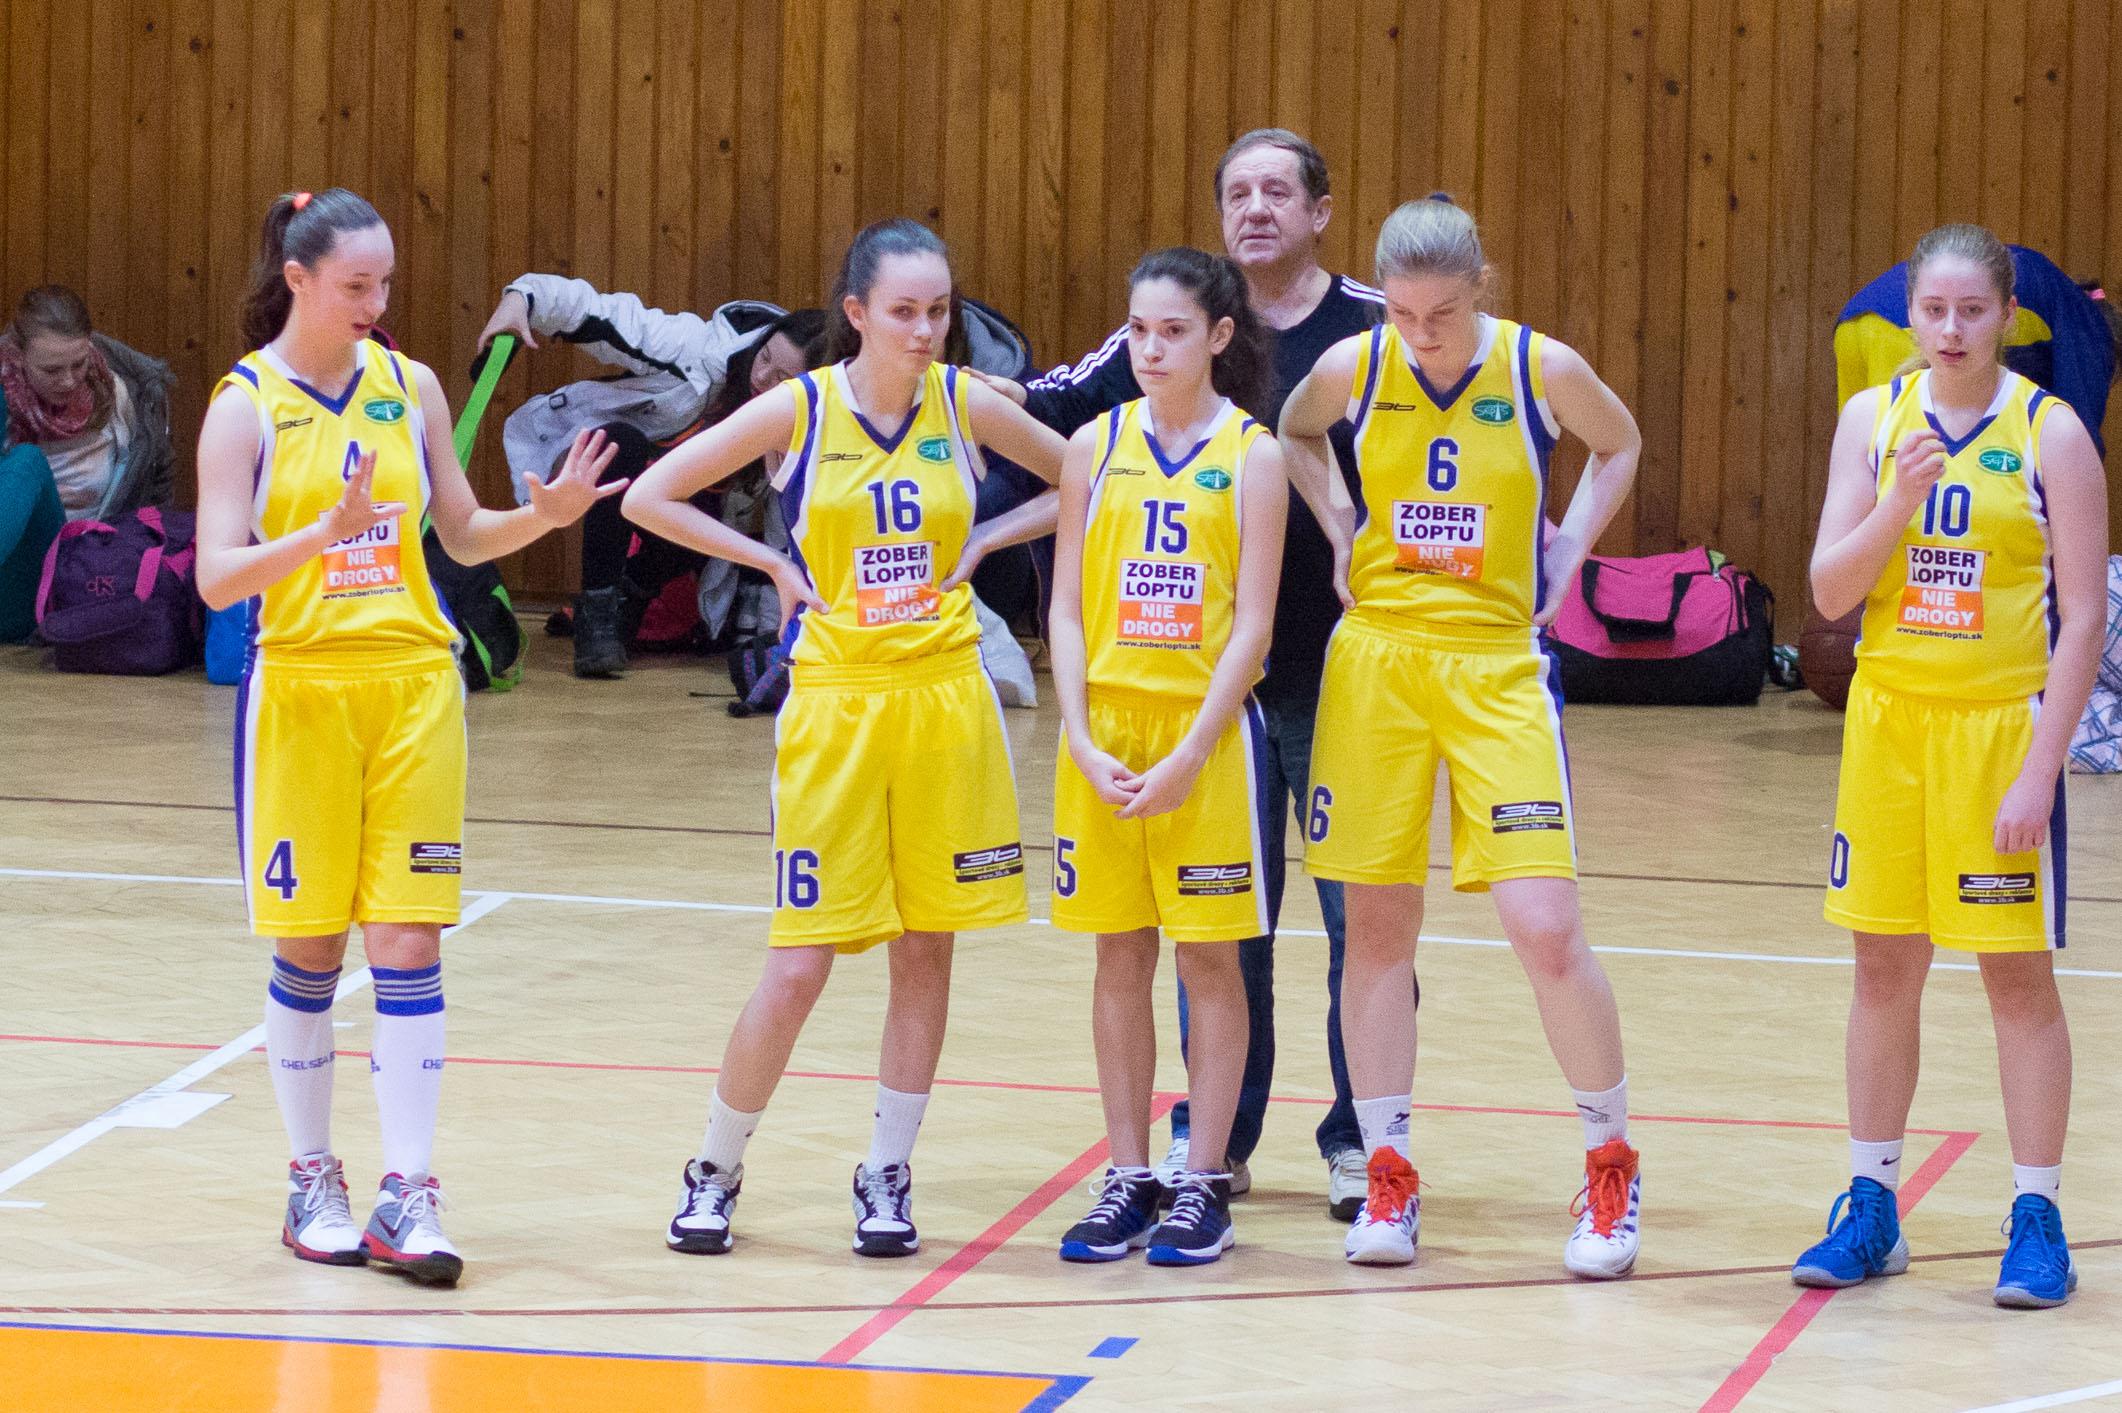 trojkralovy-basketbalovy-turnaj-2014-zvolen